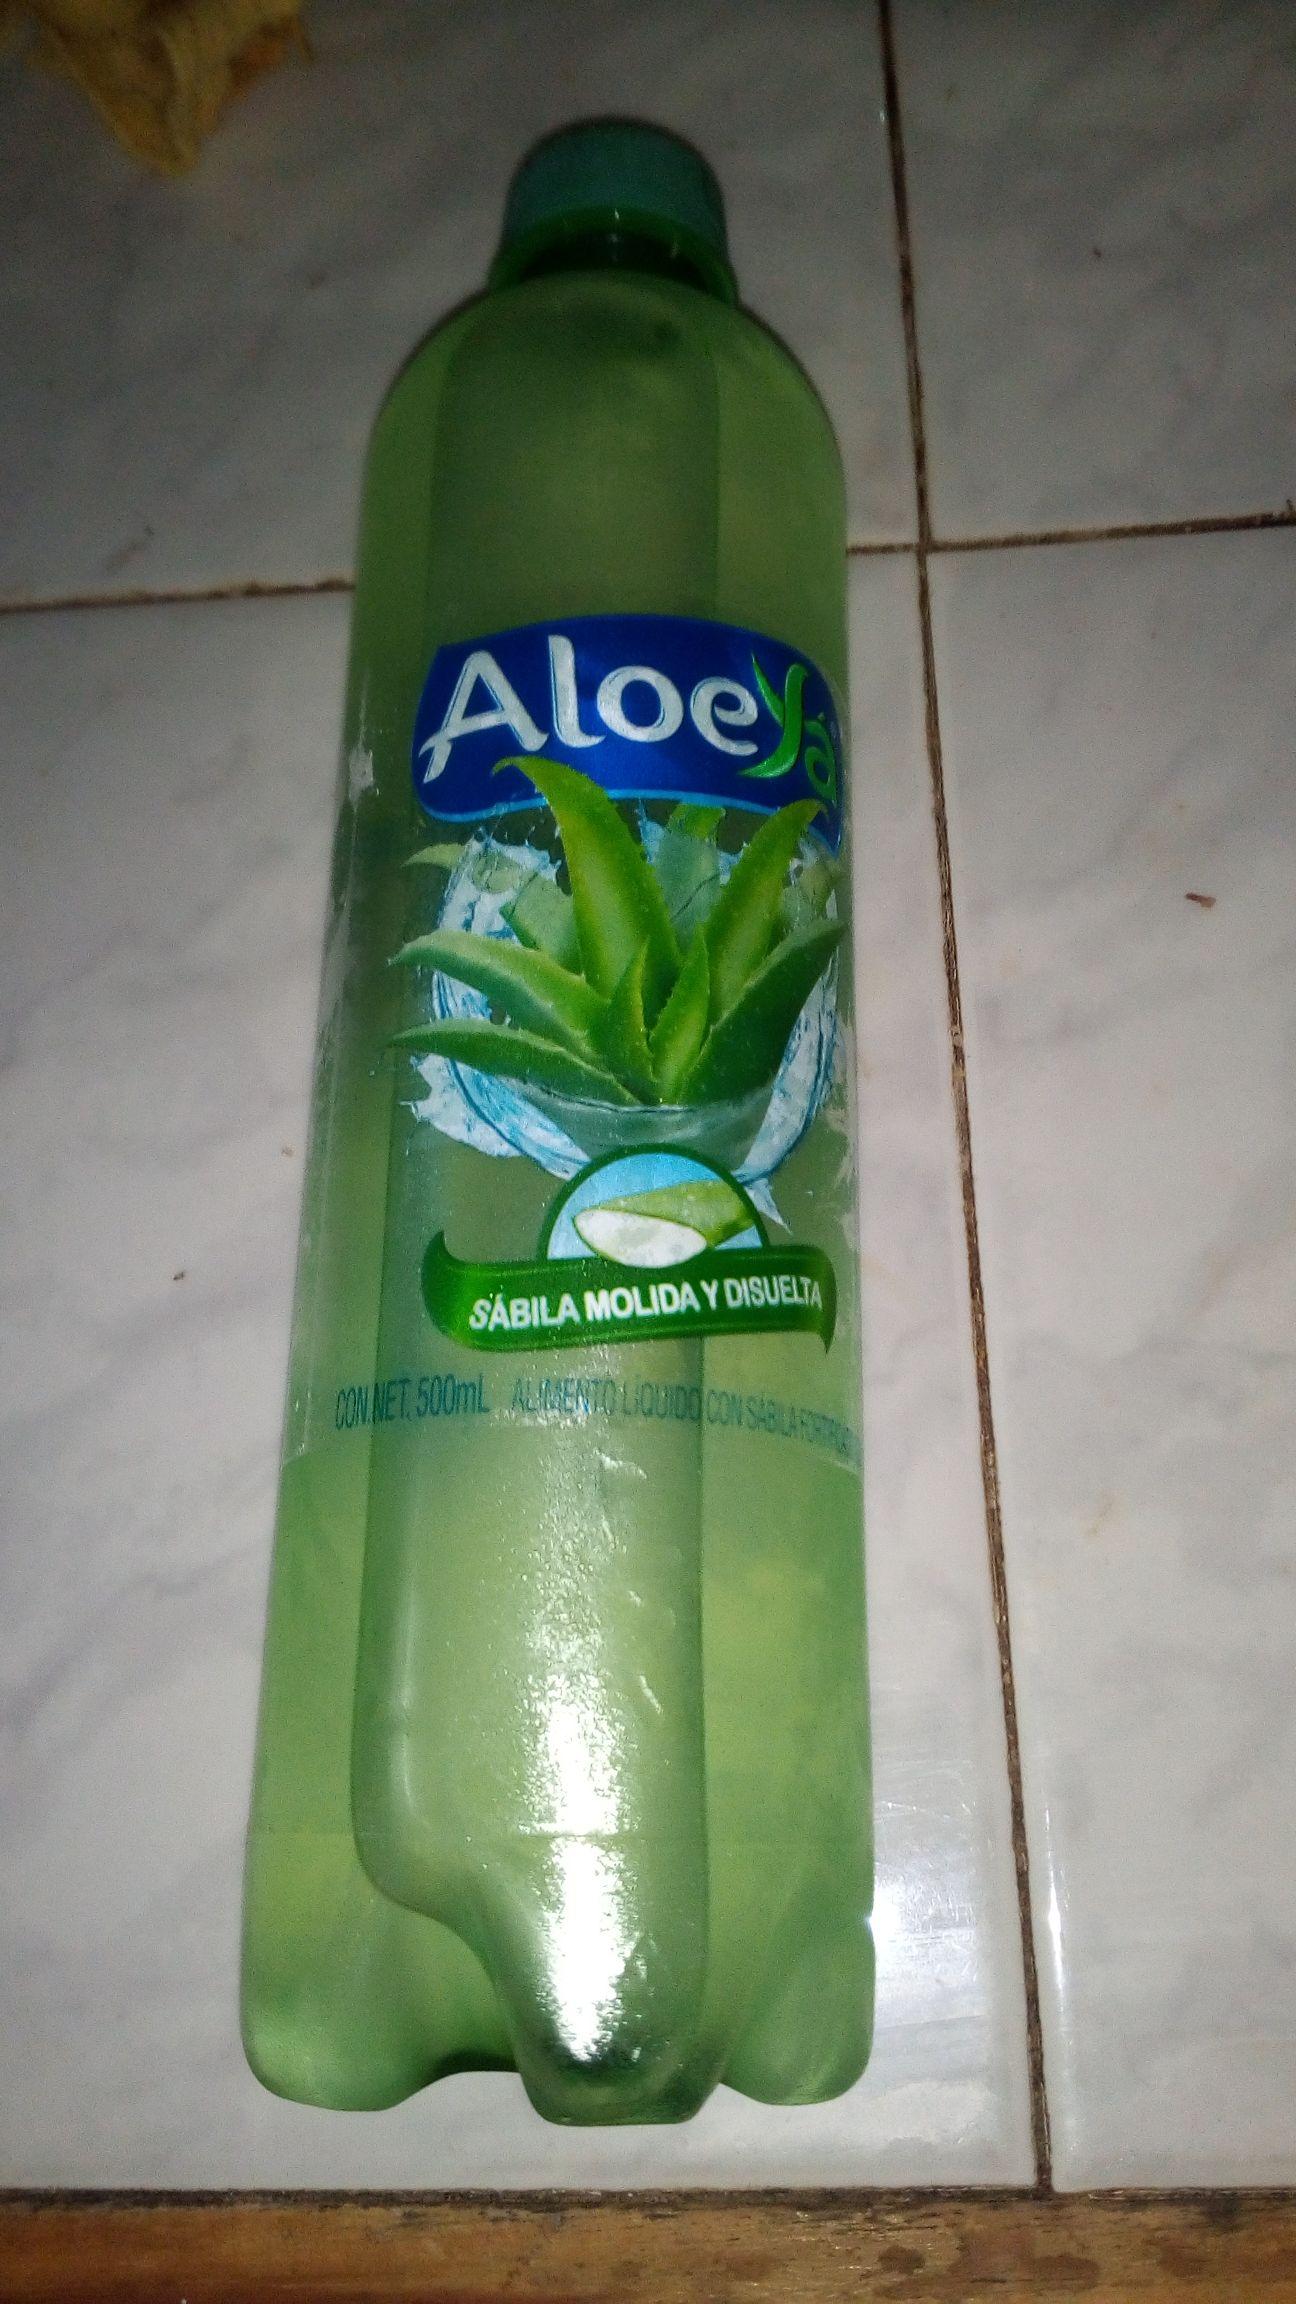 Soriana Hiper Av.128 : Bebida de Savila Aloeya 500 ML, Shampoo Dove y andadera